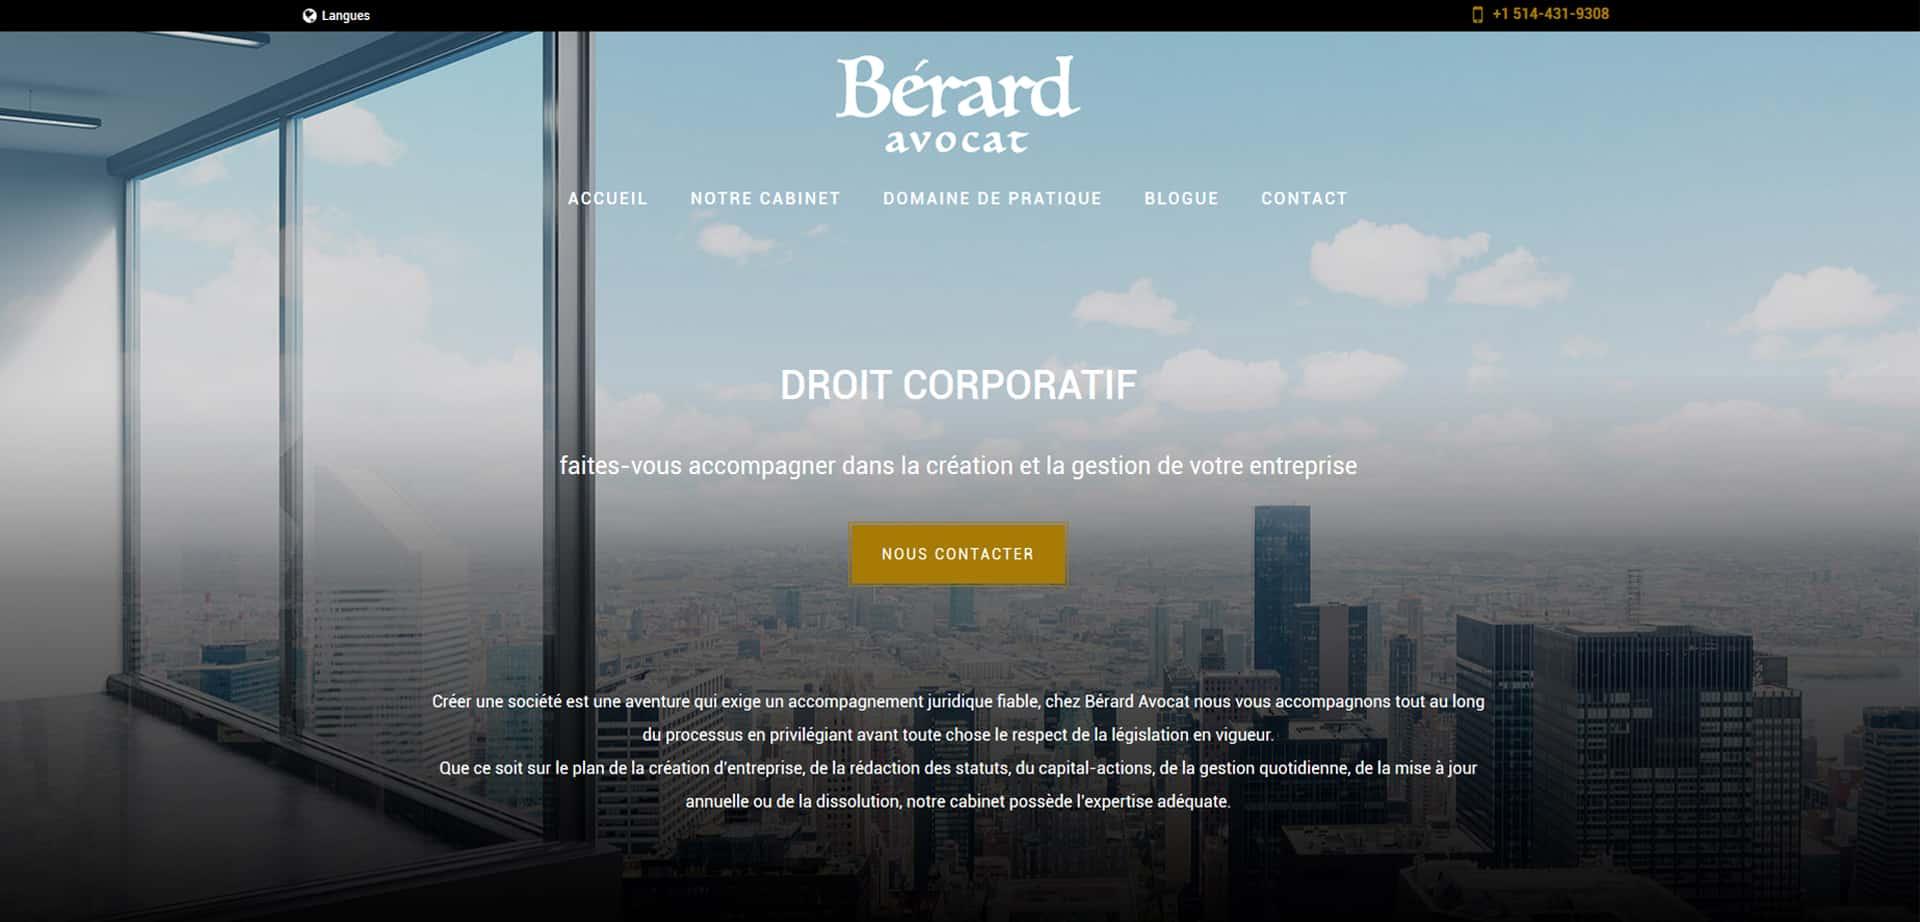 berrard-avocat5